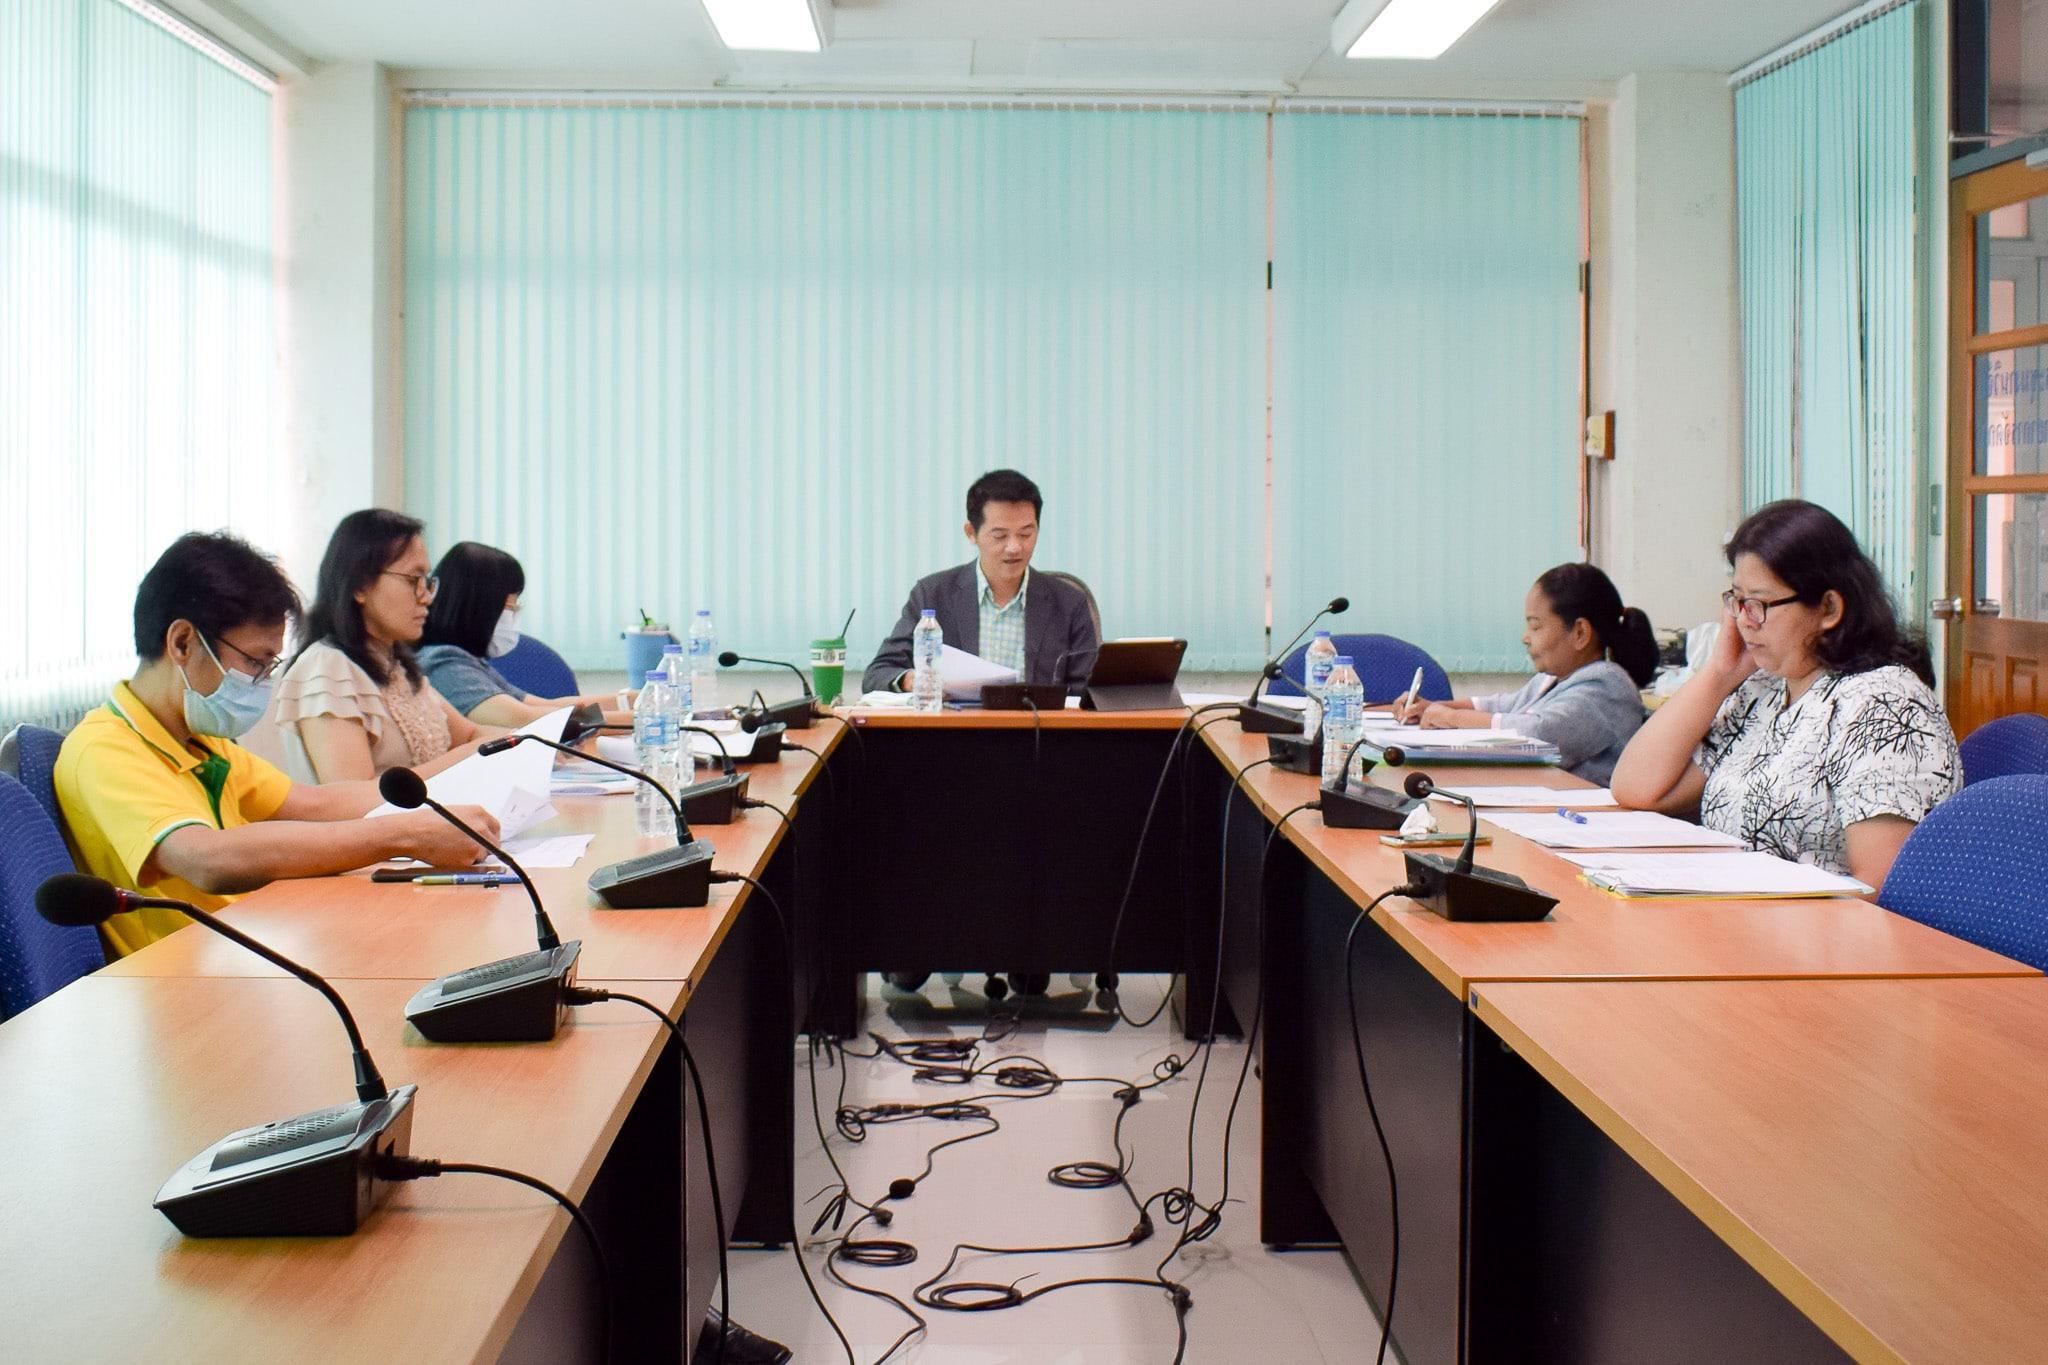 การประชุมคณะกรรมการบริหารคณะวิทยาการจัดการ ครั้งที่ 24/2563